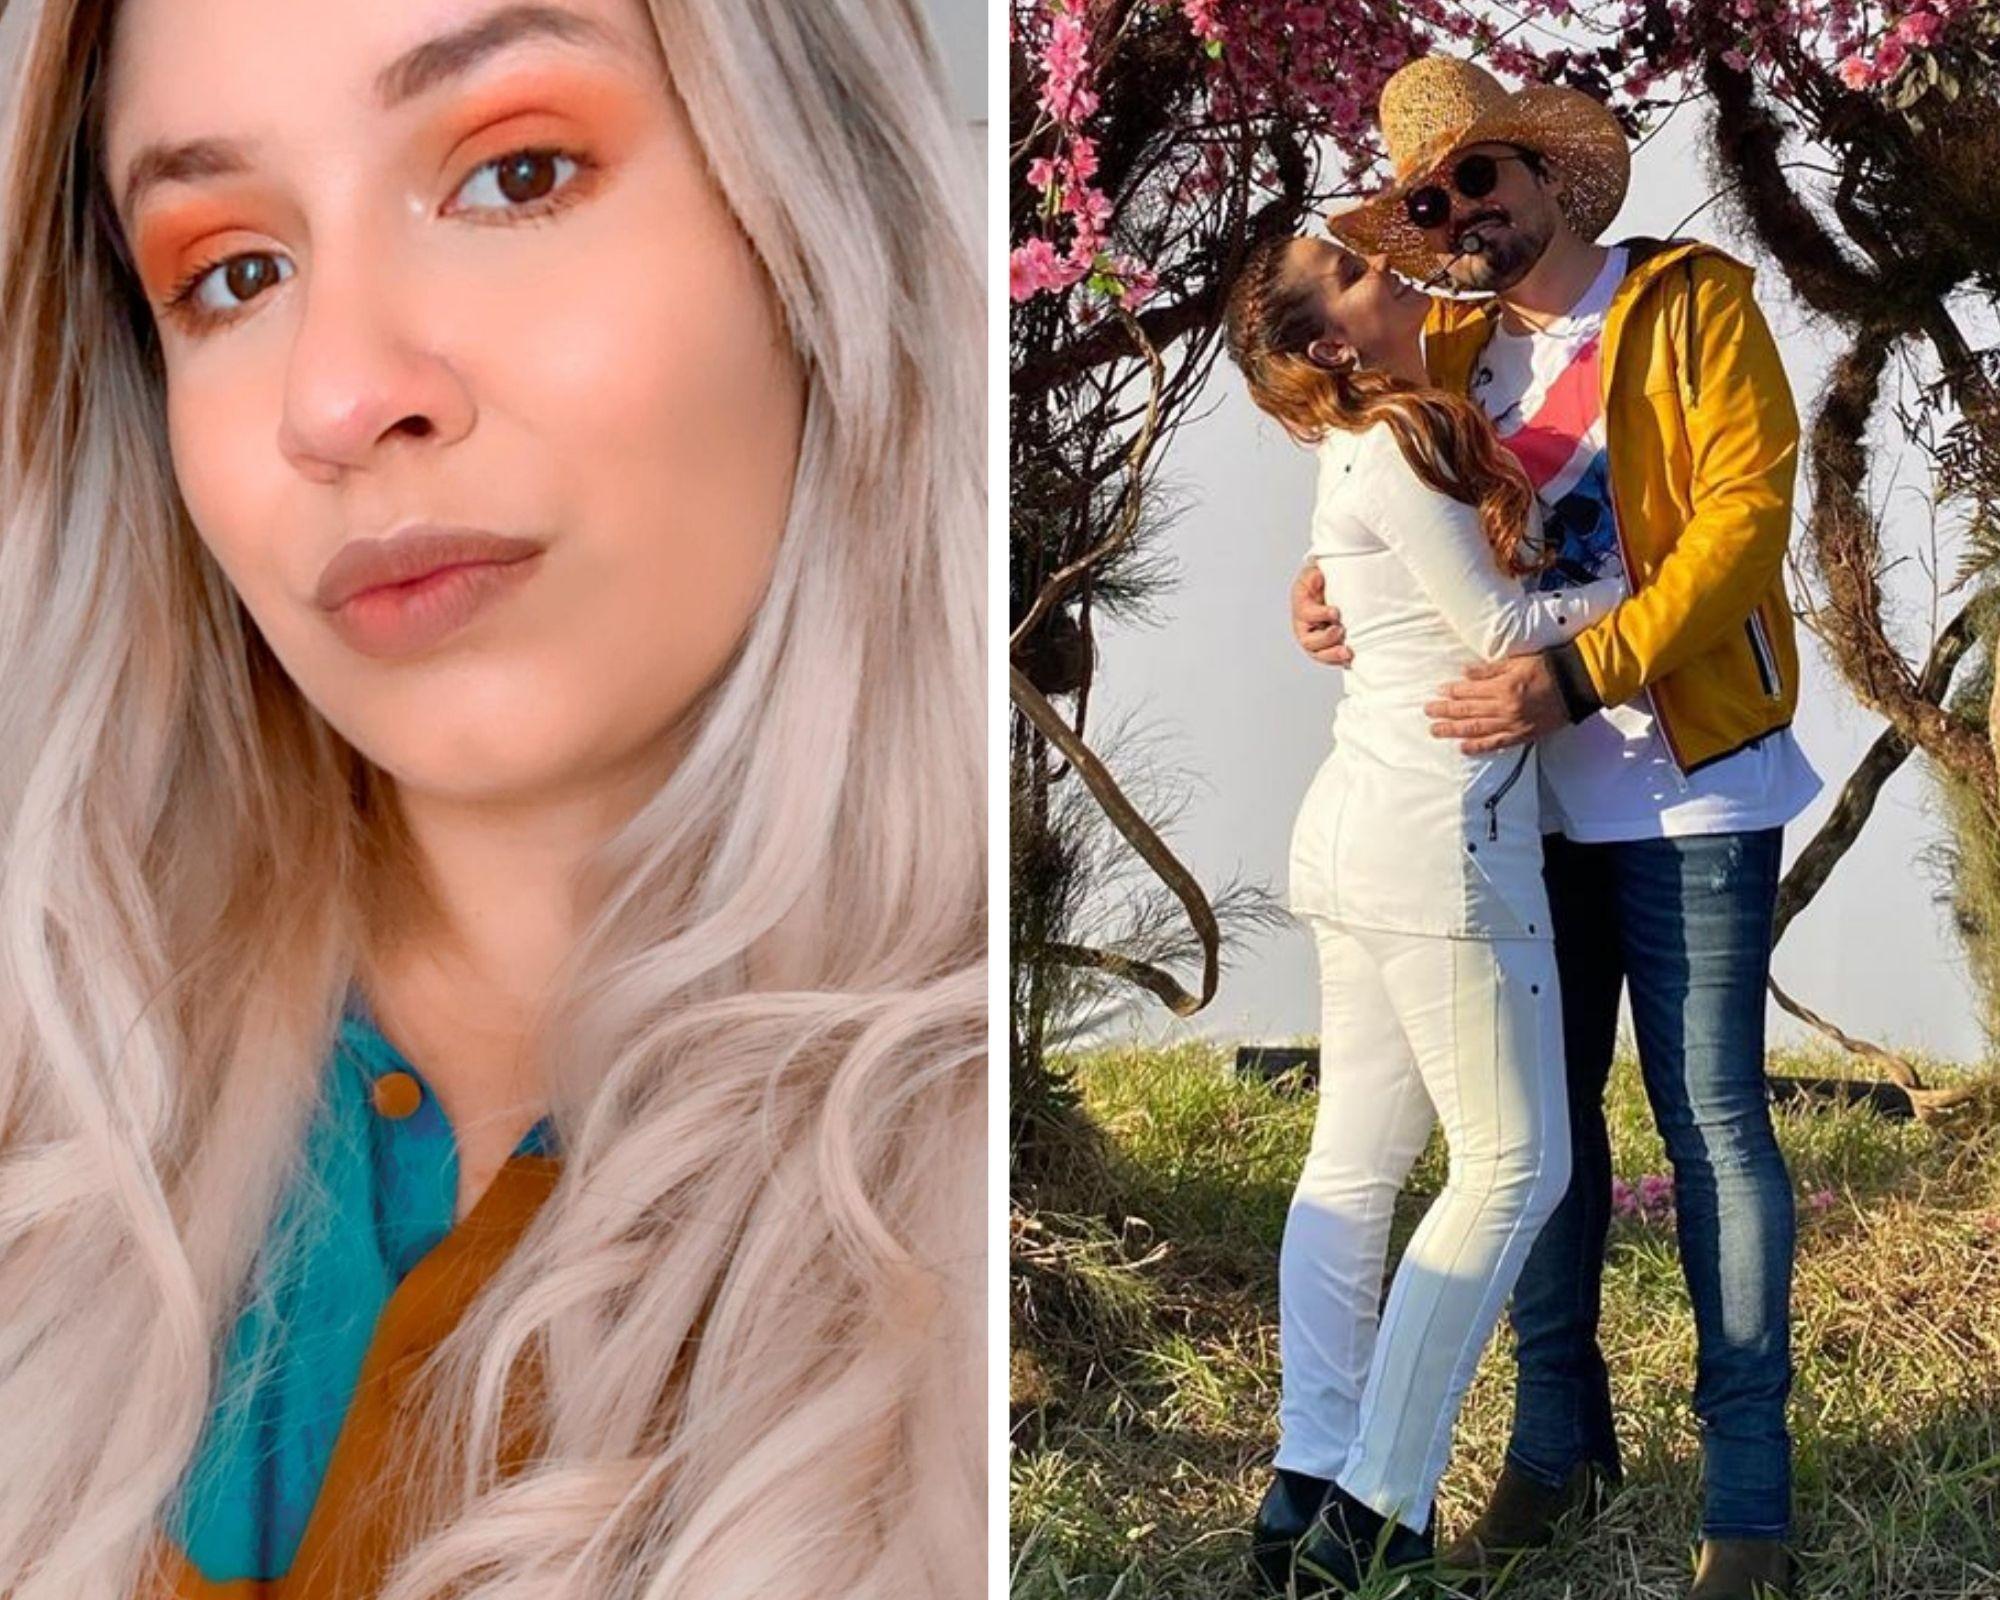 Marília Mendonça sai em defesa da amiga na internet / Crédito: Reprodução/Quem